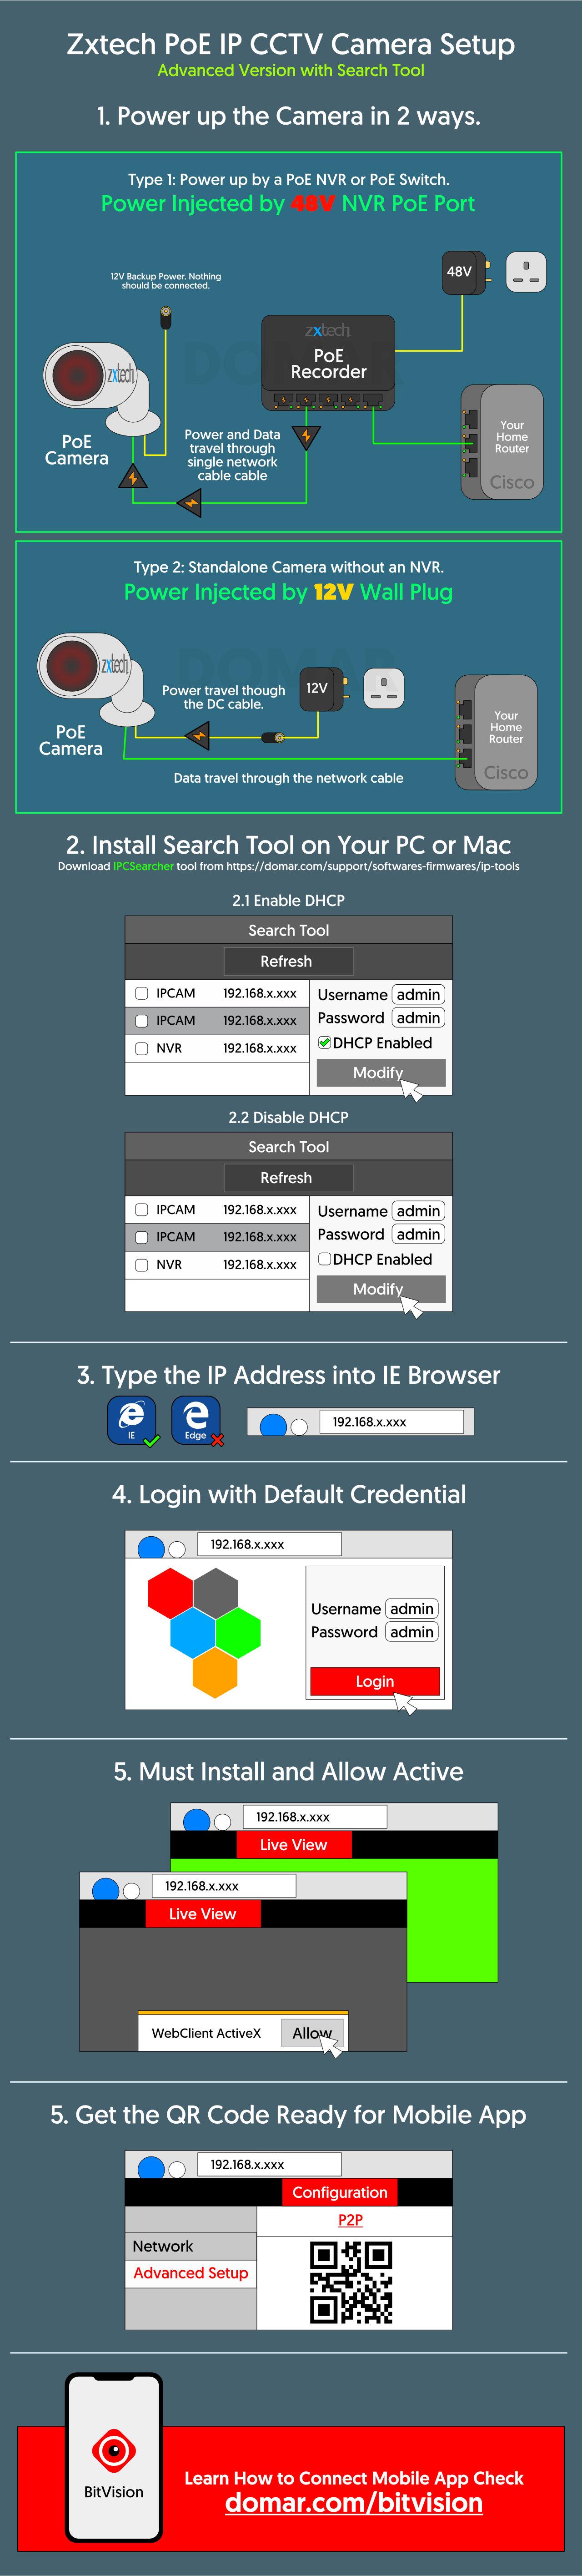 How to Professionally Setup a Zxtech IP CCTV Cameras